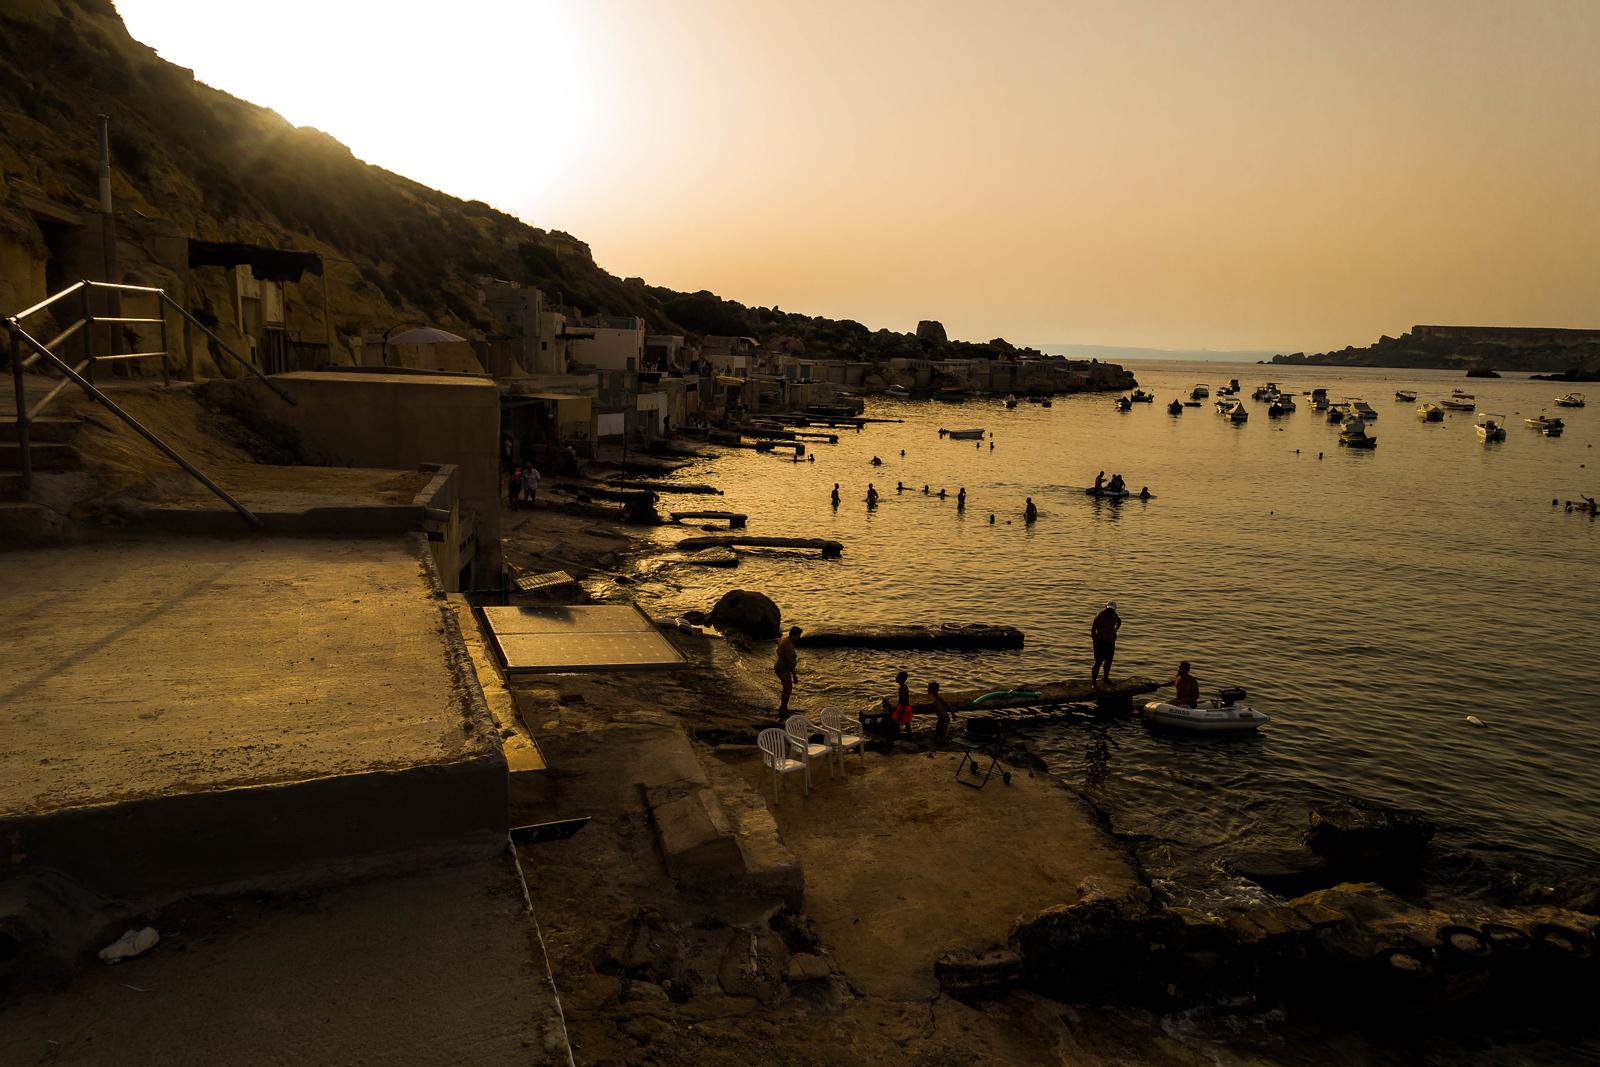 Malta in Pictures - Gnejna Bay